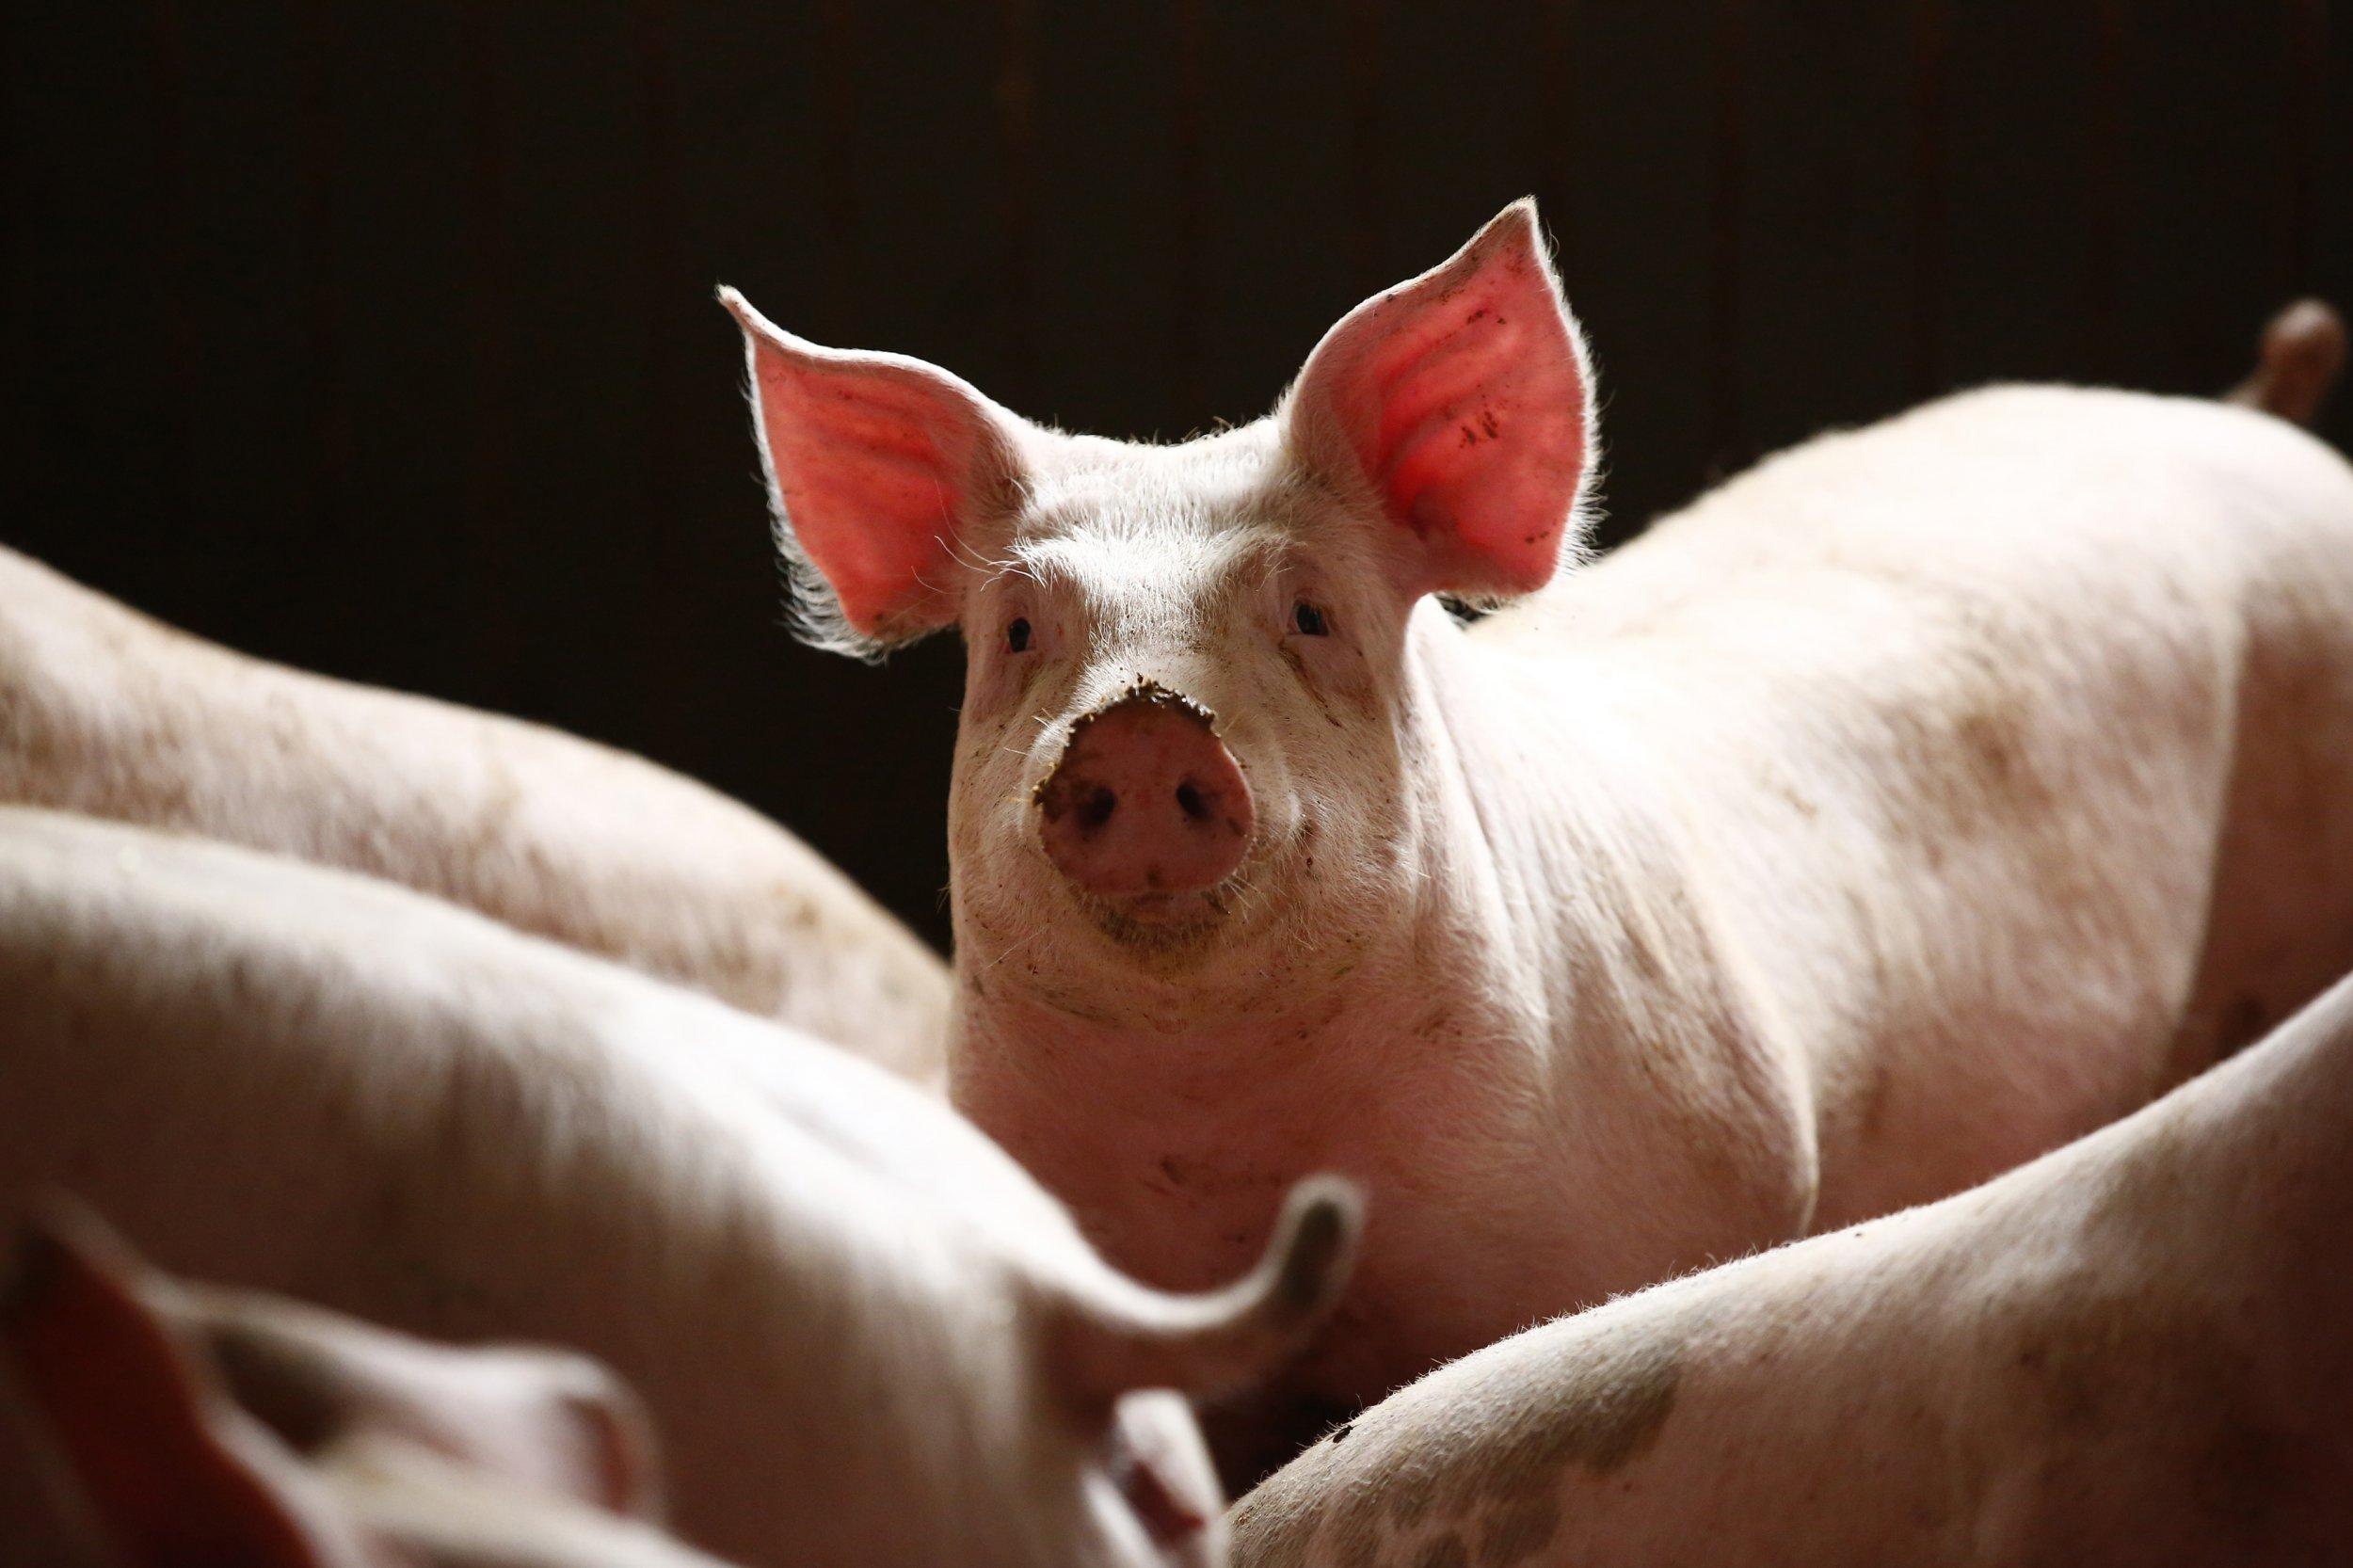 06_04_Pig_Organ_01